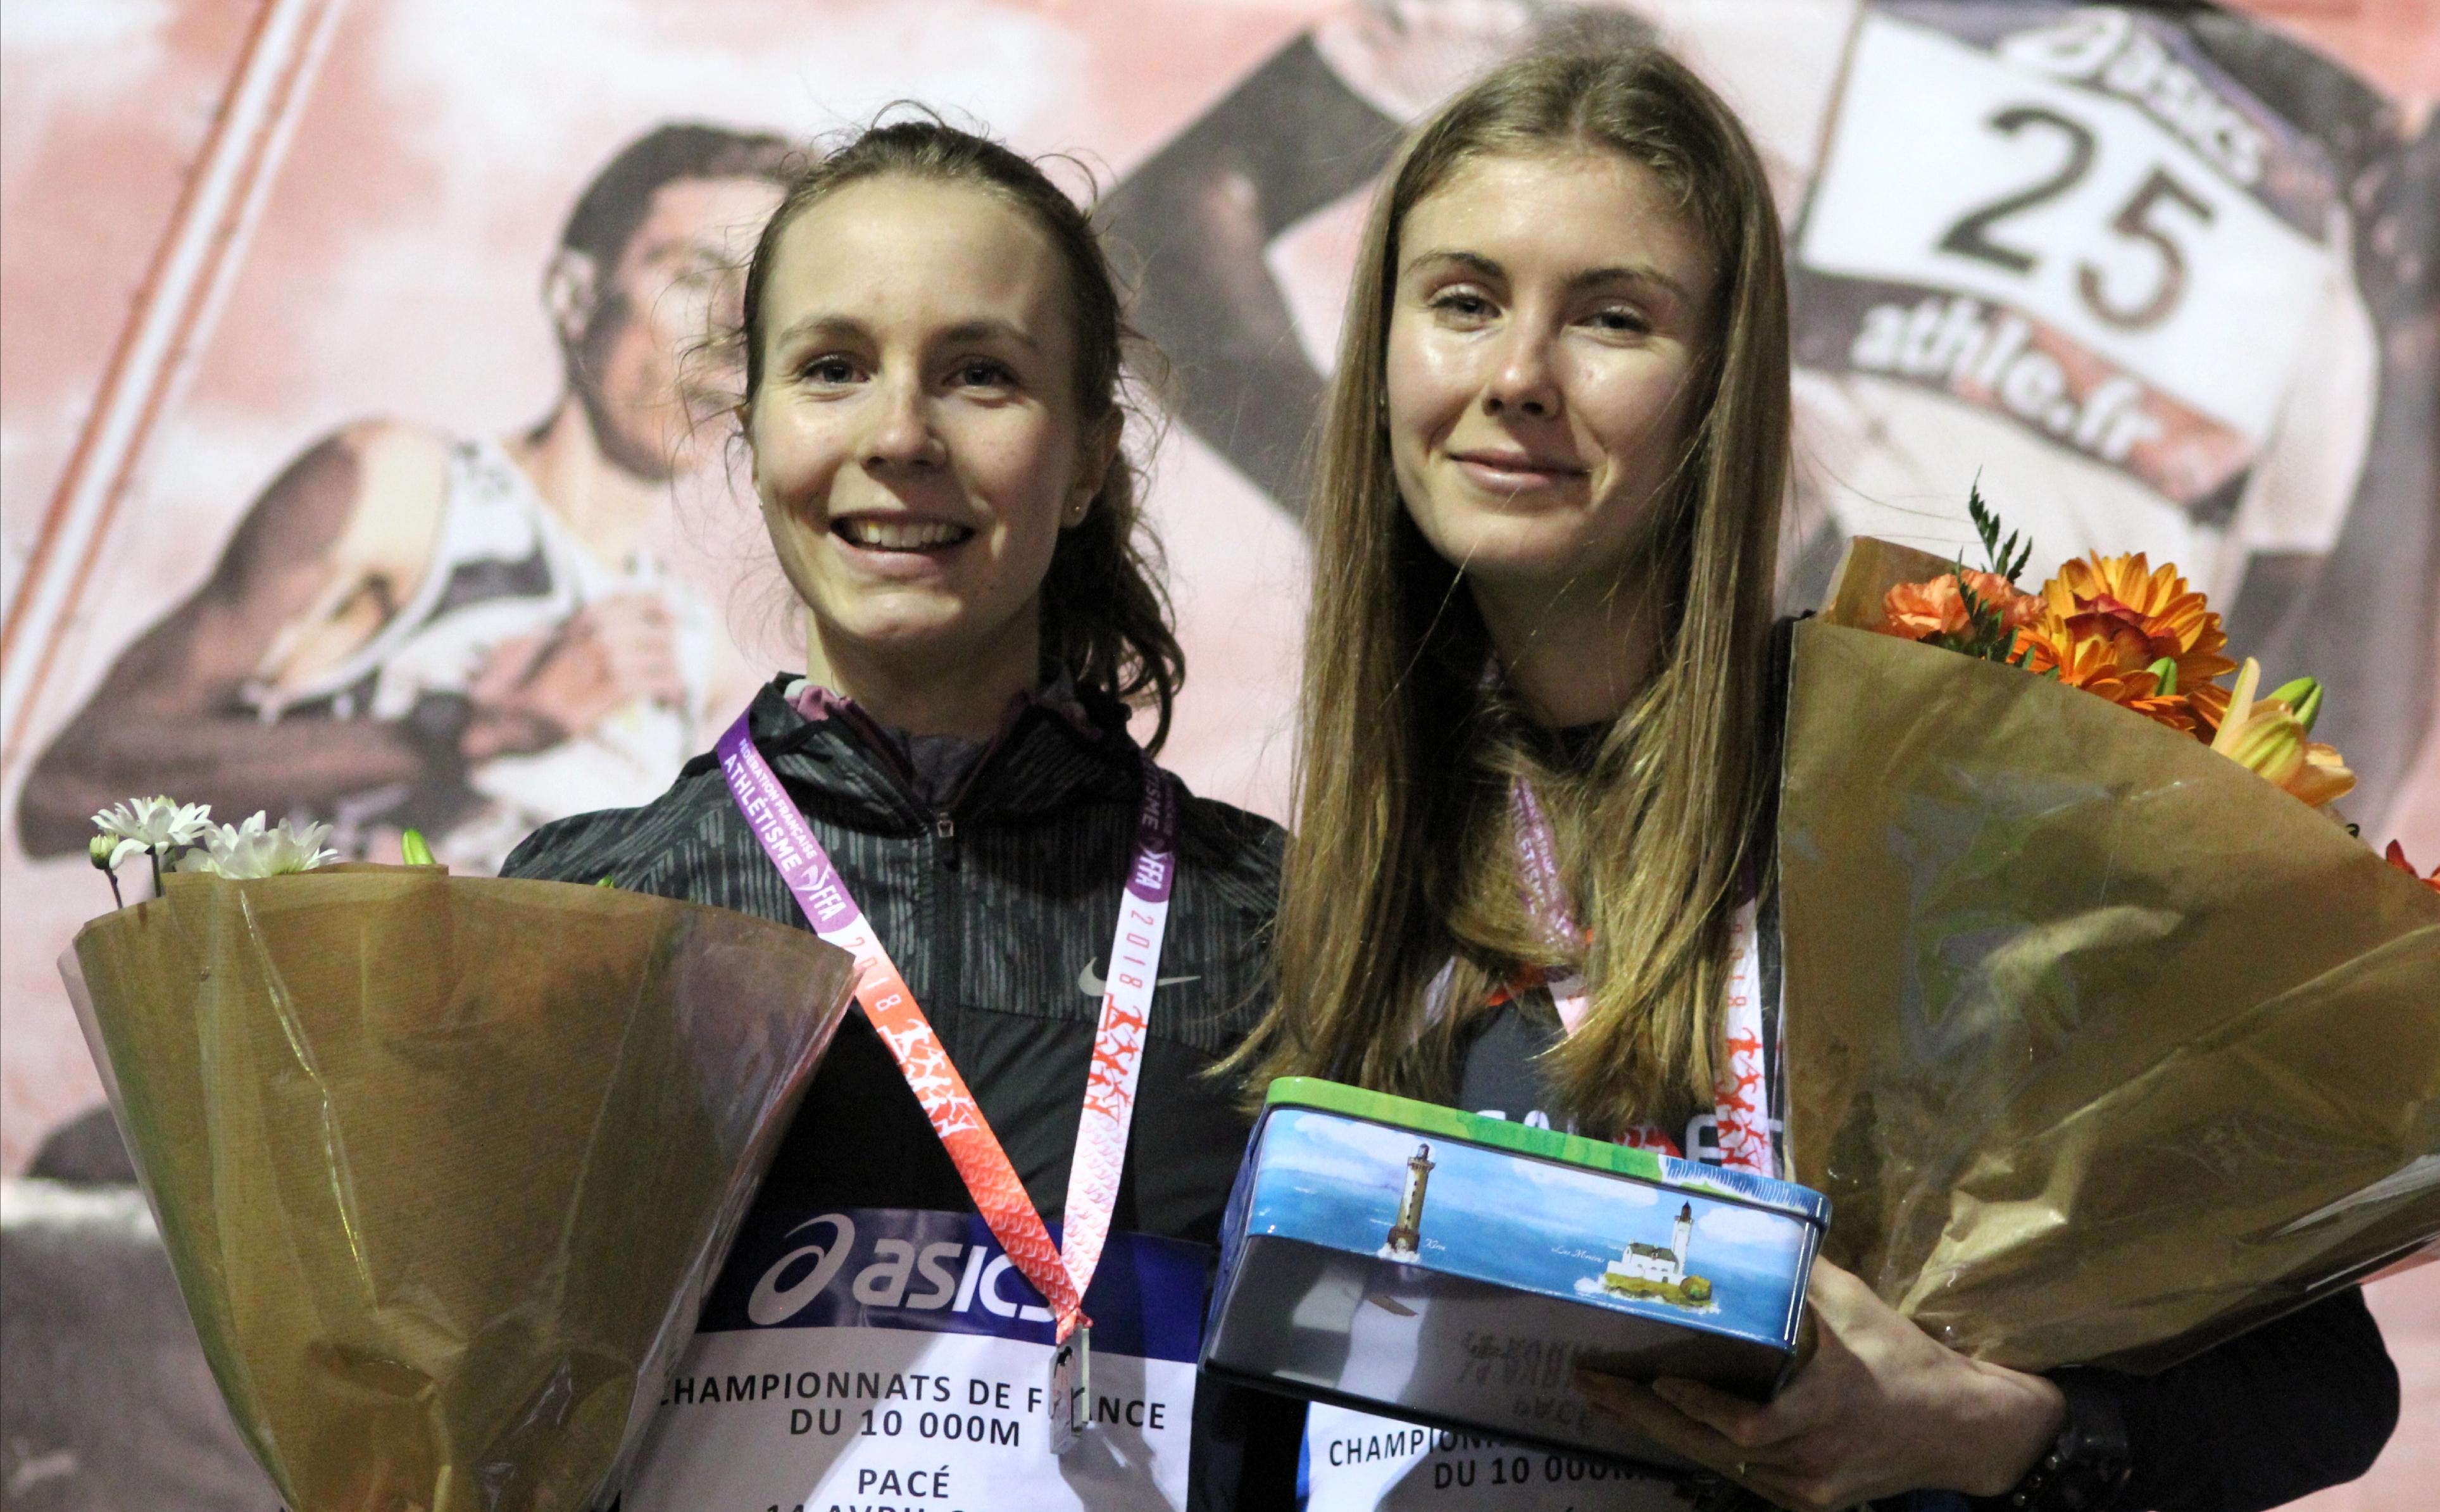 Championnats de France du 10 000 m : Margaux Conan s'offre une première couronne nationale